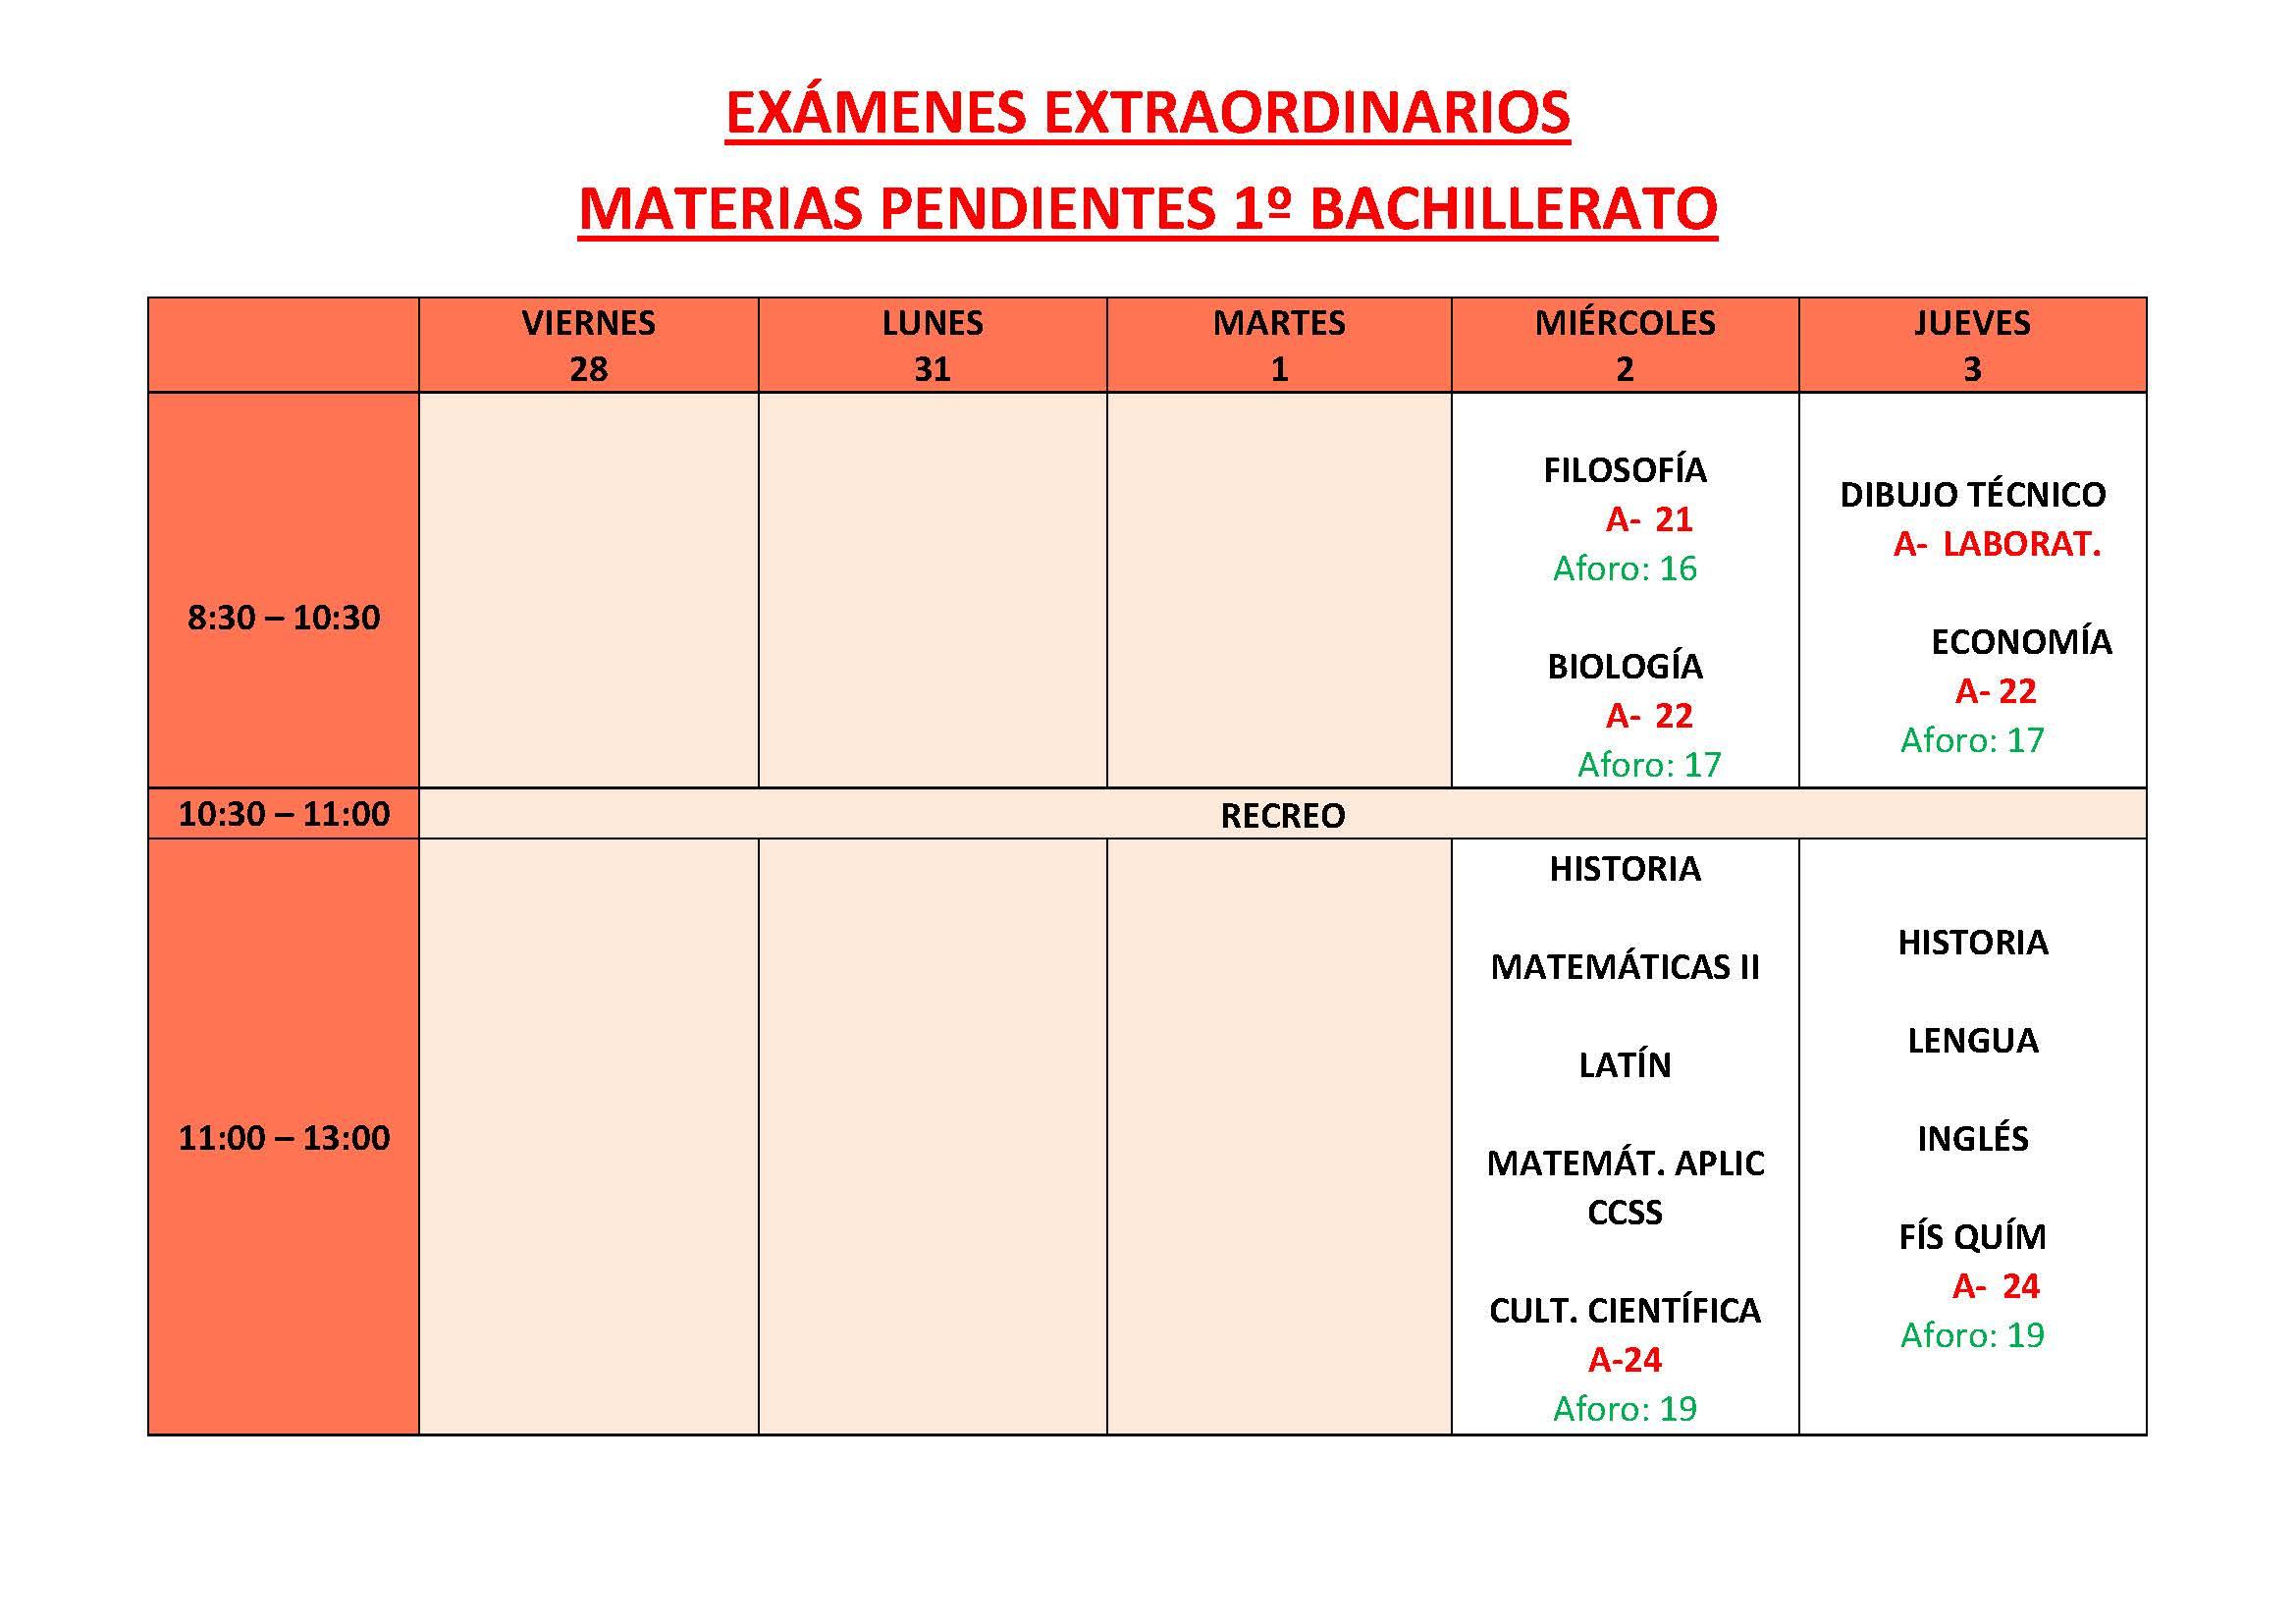 EXAMENES EXTRAORDINARIOS MATERIAS PENDIENTES 1 BTO 1